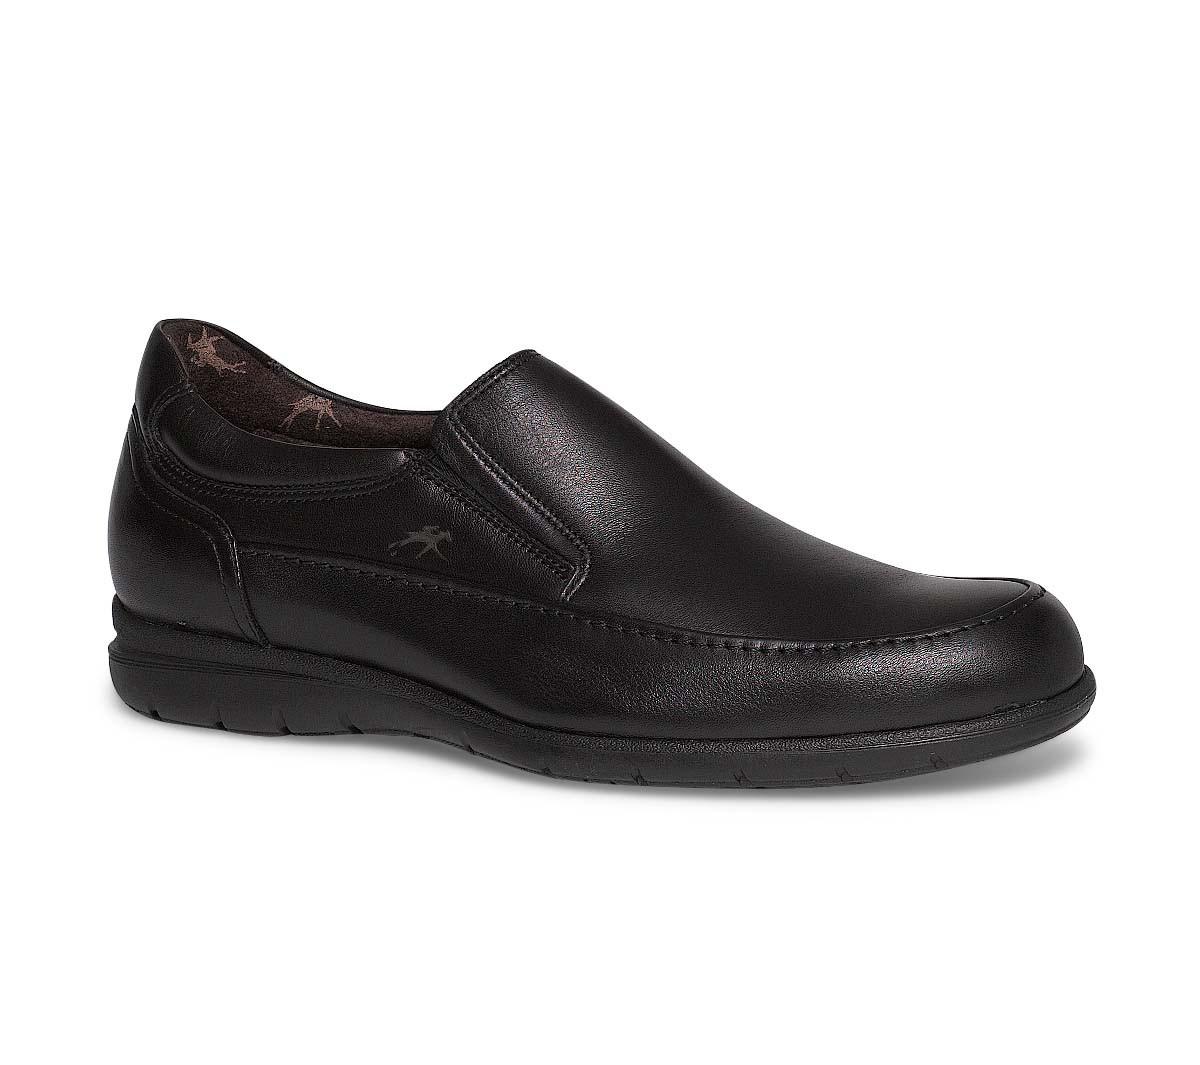 Chaussures confort homme : Tout ce que je peux vous recommander pour acheter des chaussures confortables